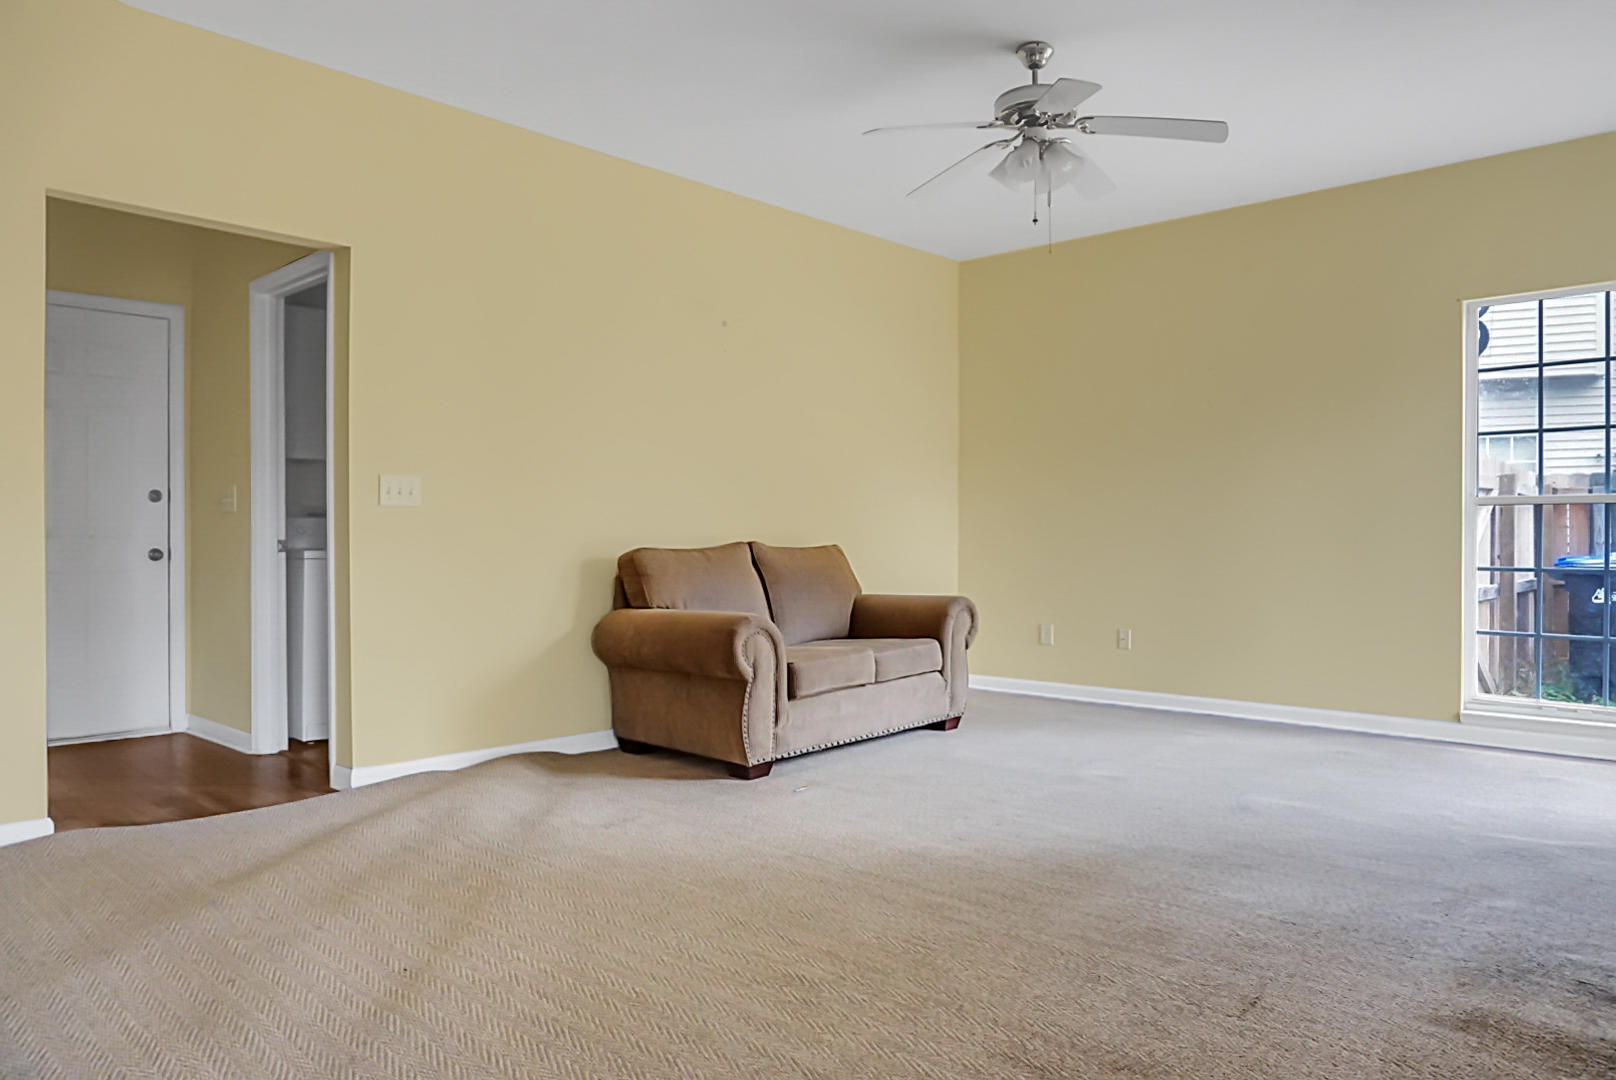 Dunes West Homes For Sale - 3209 Carmel Bay, Mount Pleasant, SC - 28